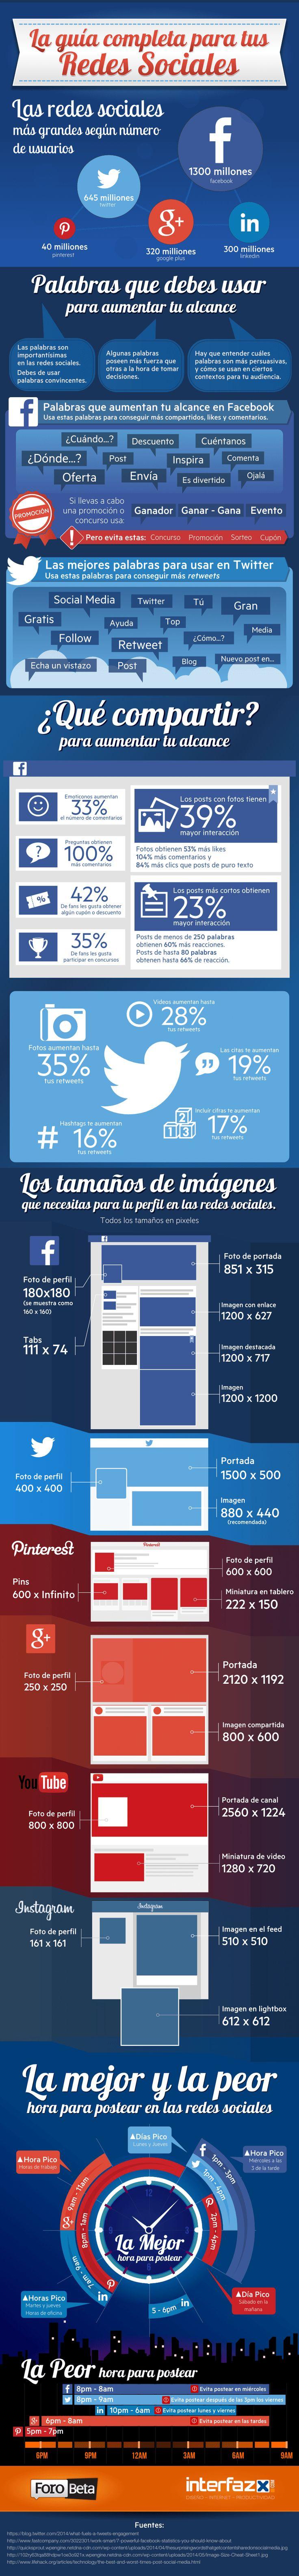 La guía completa para tus redes sociales. Infografía en español. # (pin por…